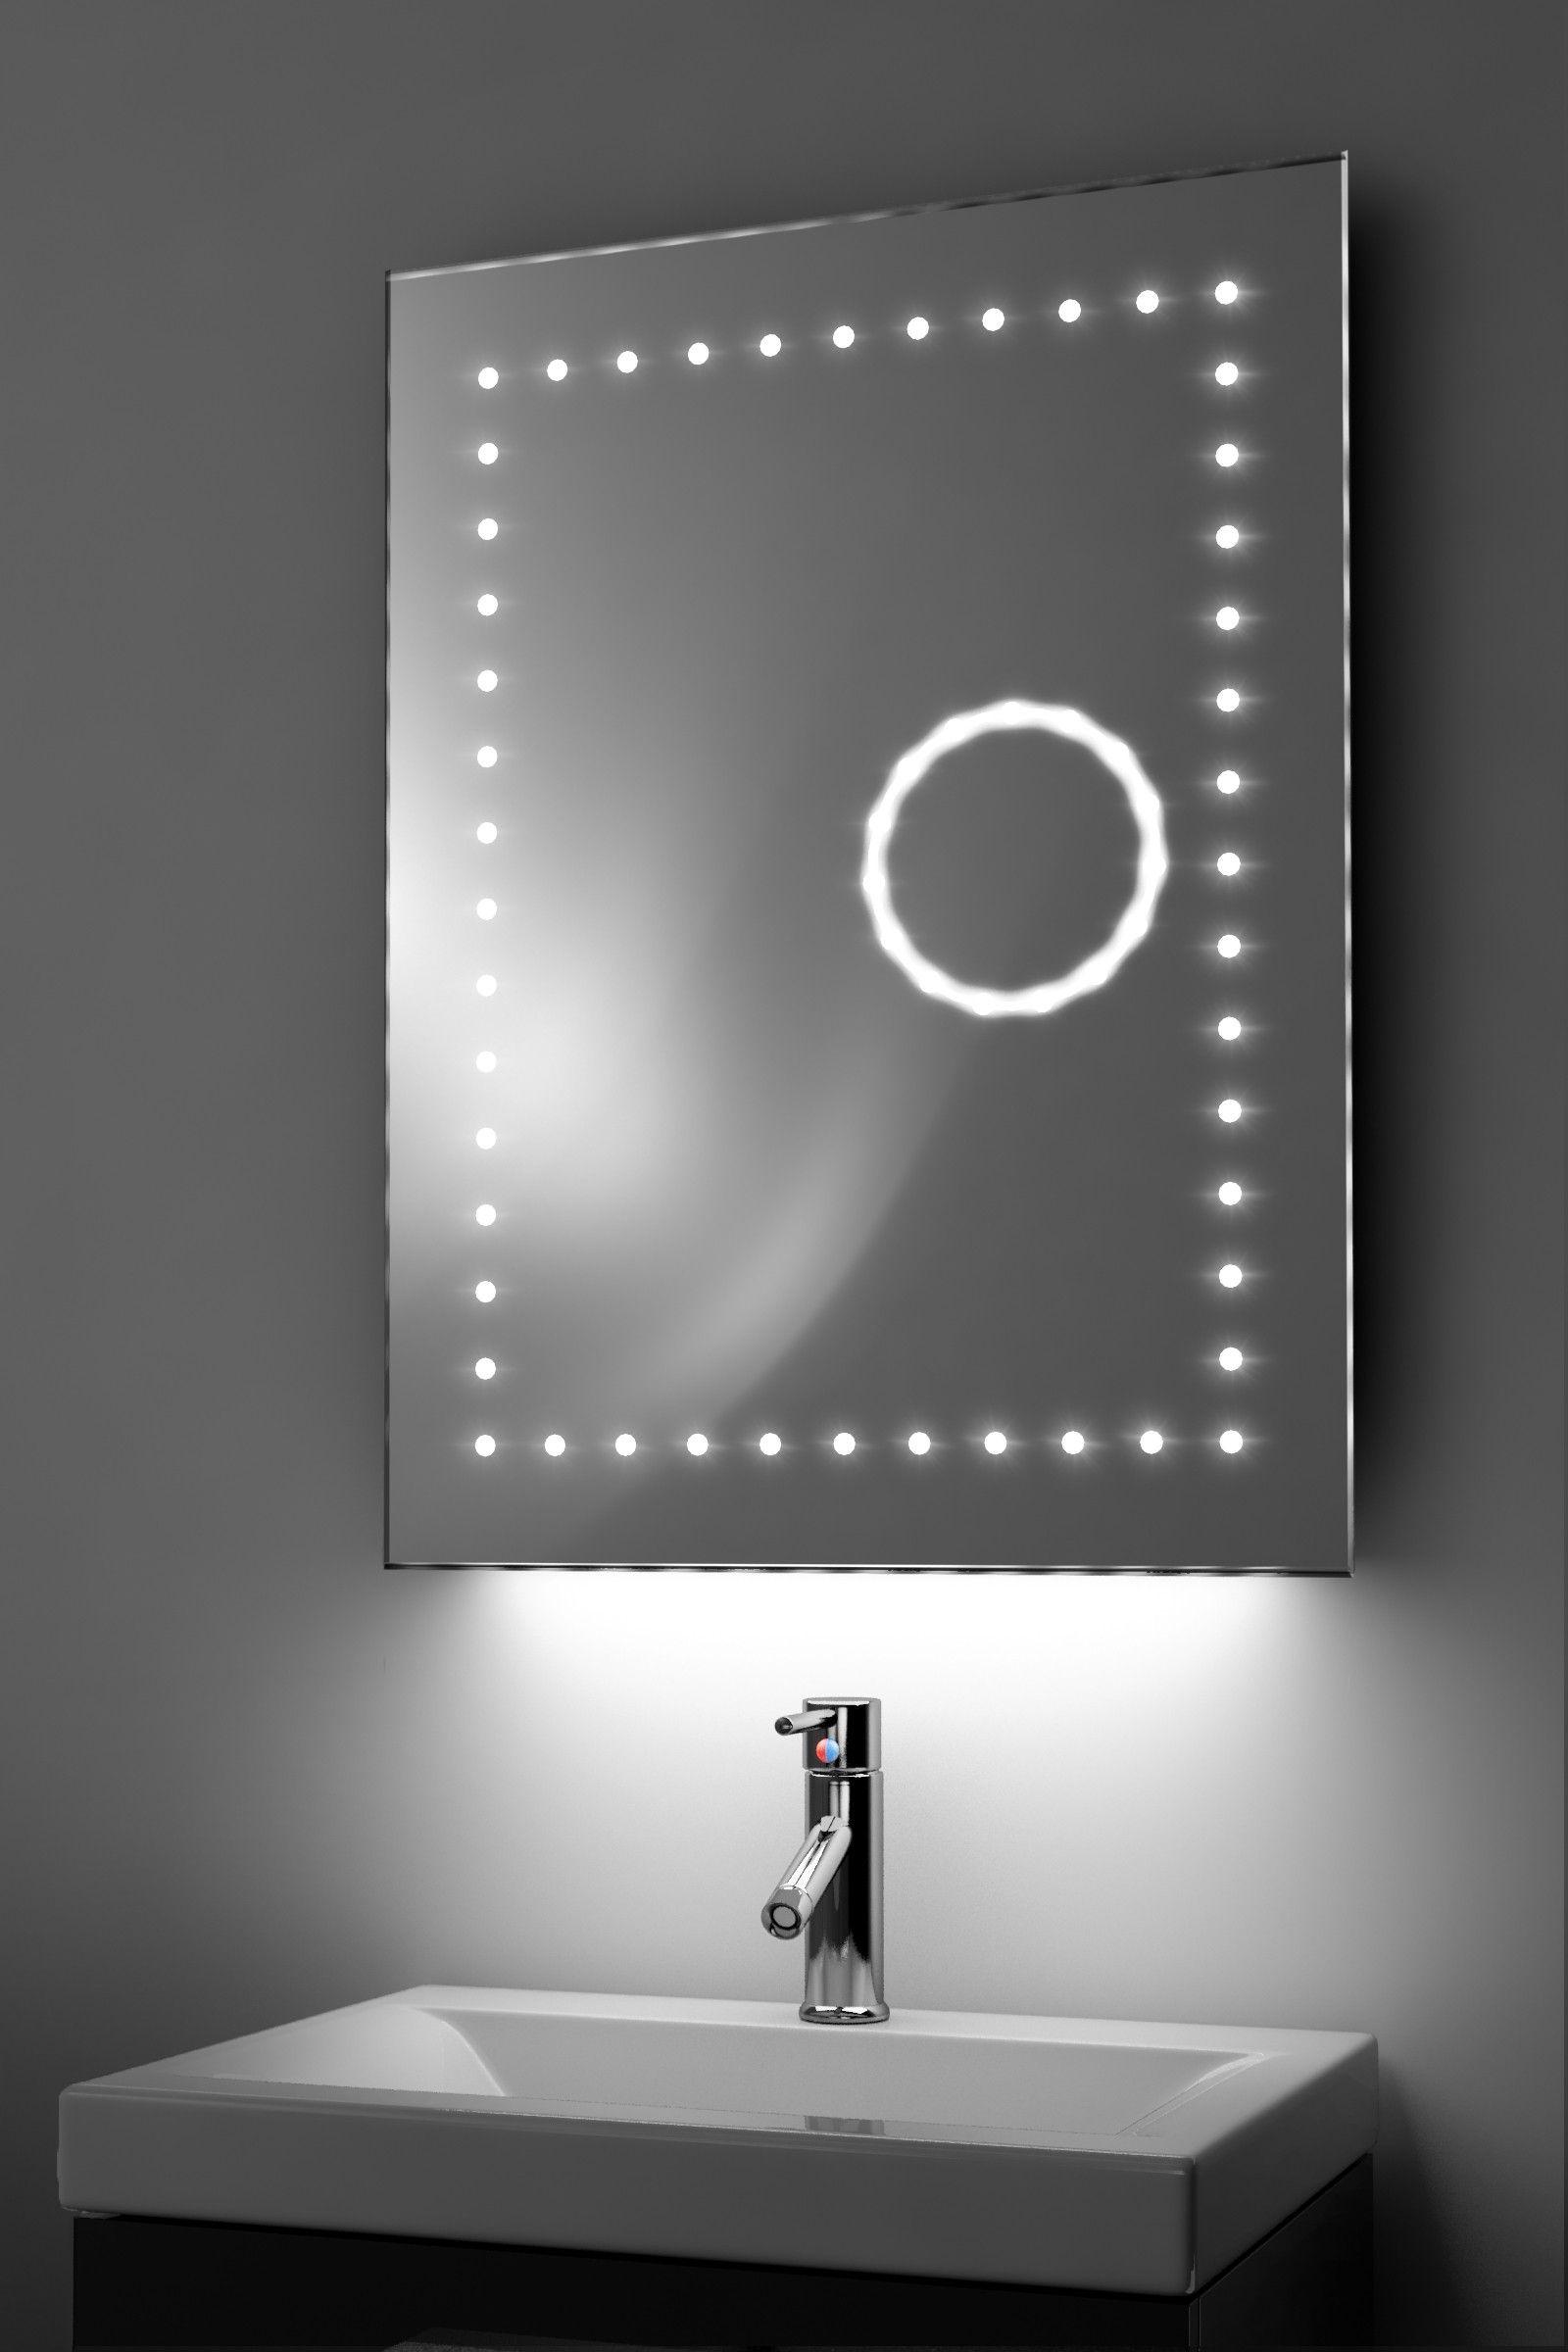 Ambient k99 Slim Mirror H800mm x W600mm x D30mm